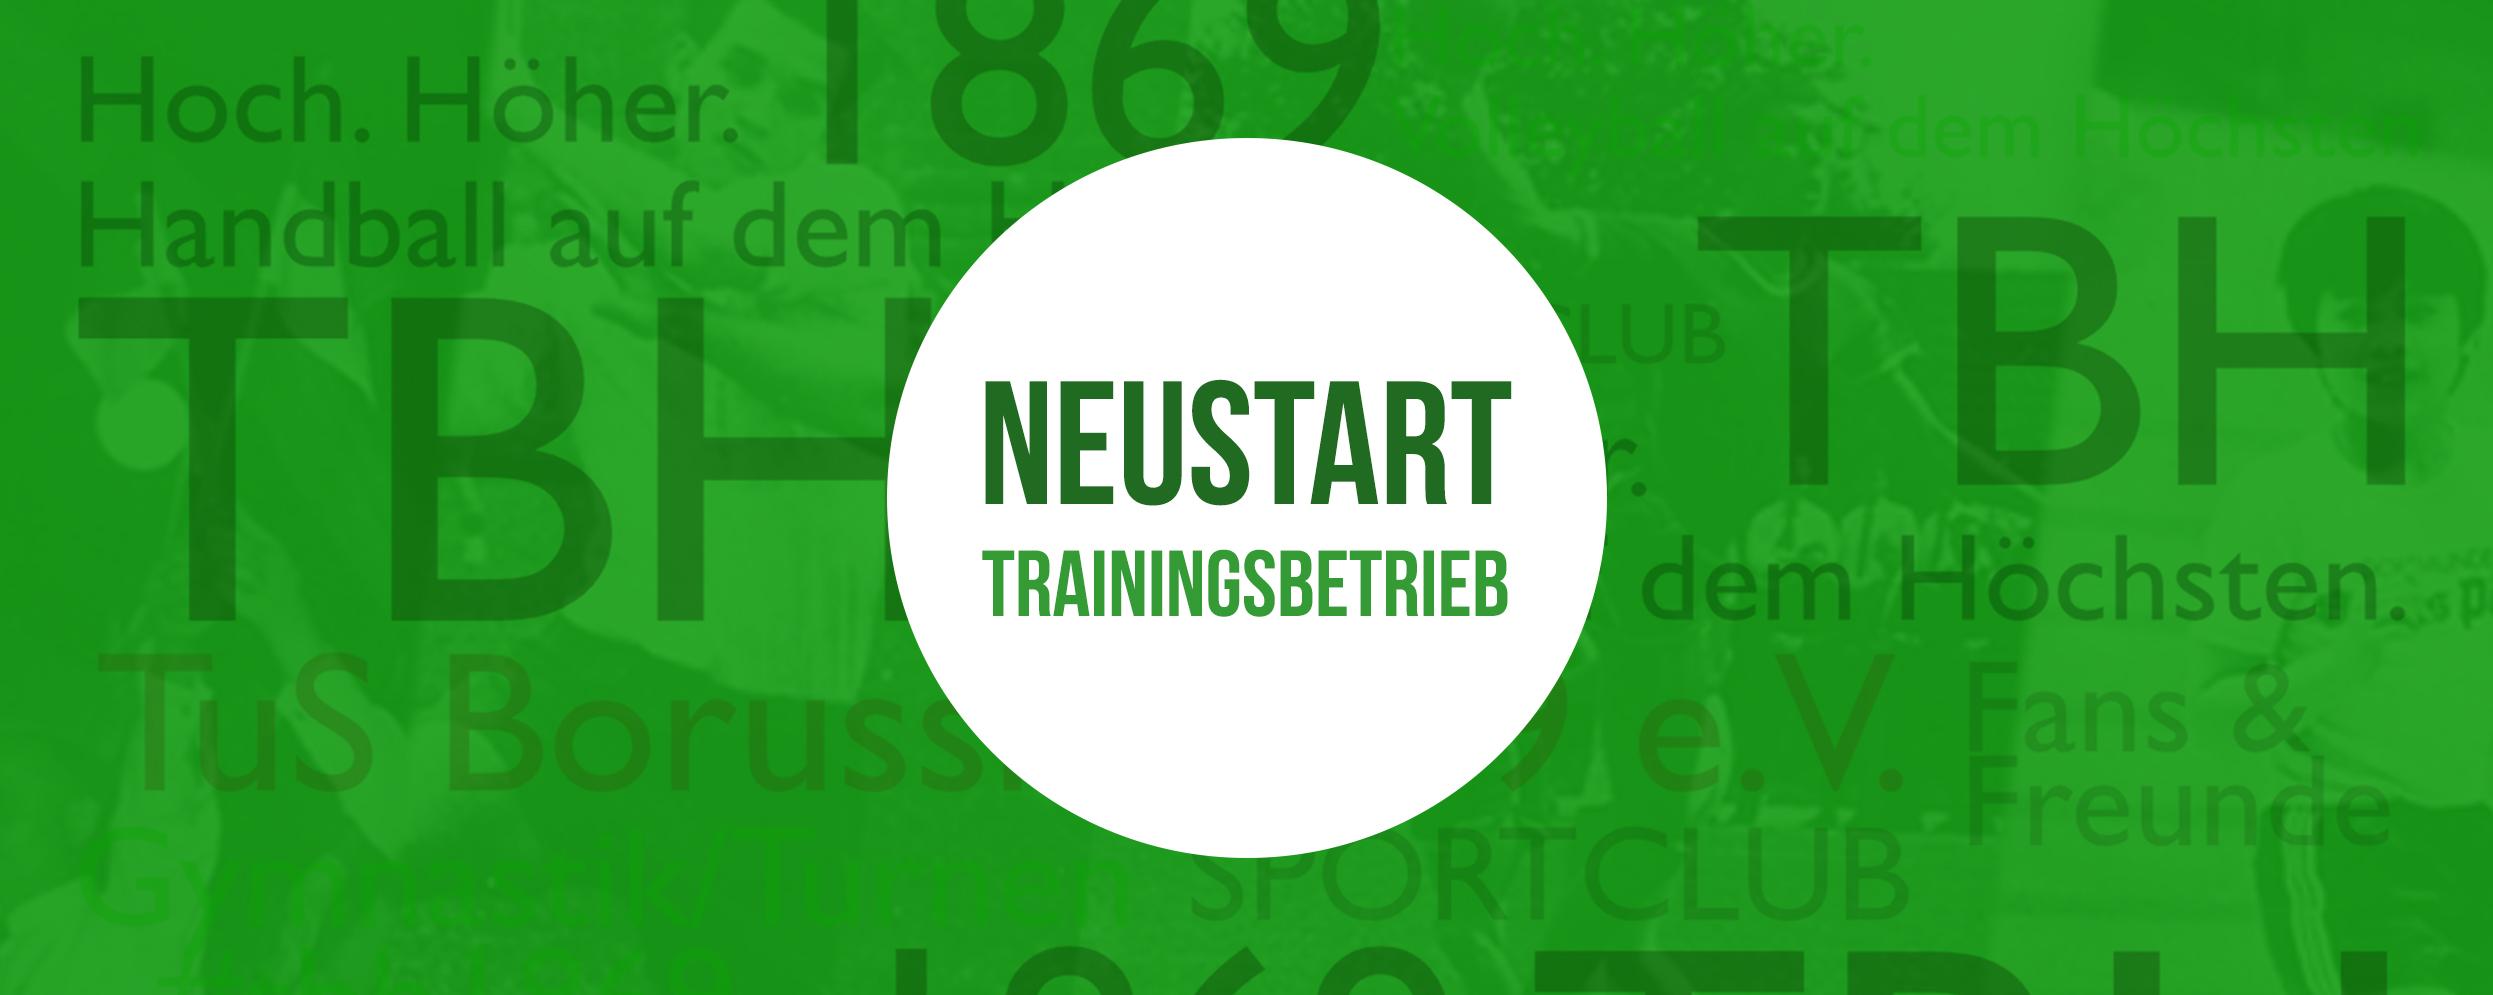 Neustart des Trainingsbetriebs!